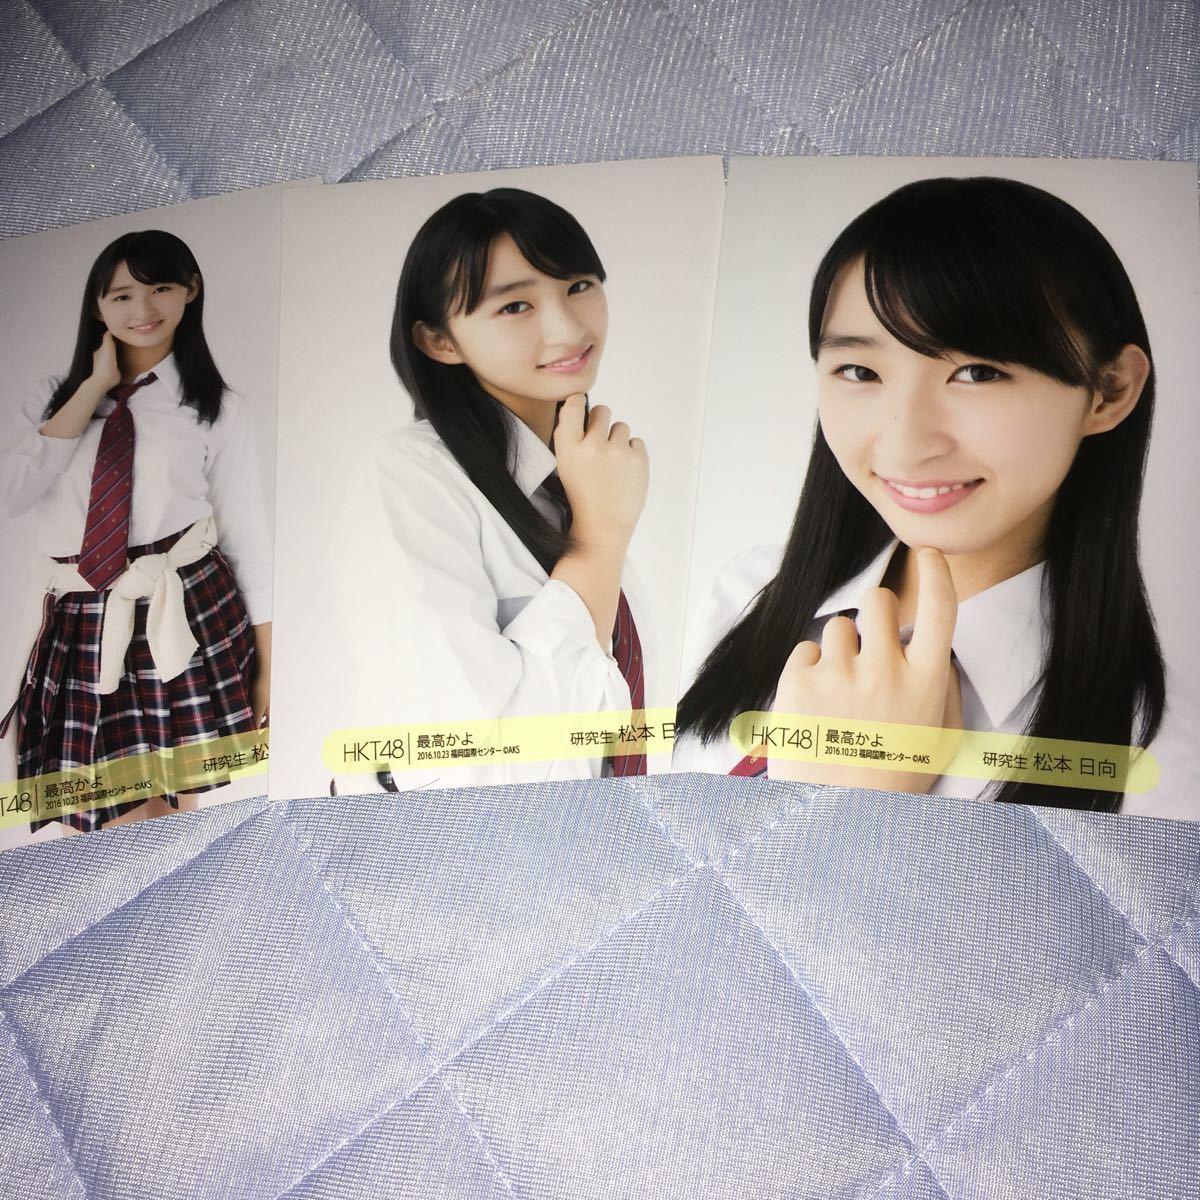 松本日向 HKT48 会場生写真 最高かよ 10/23 3種コンプ (検 握手券 早送りカレンダー